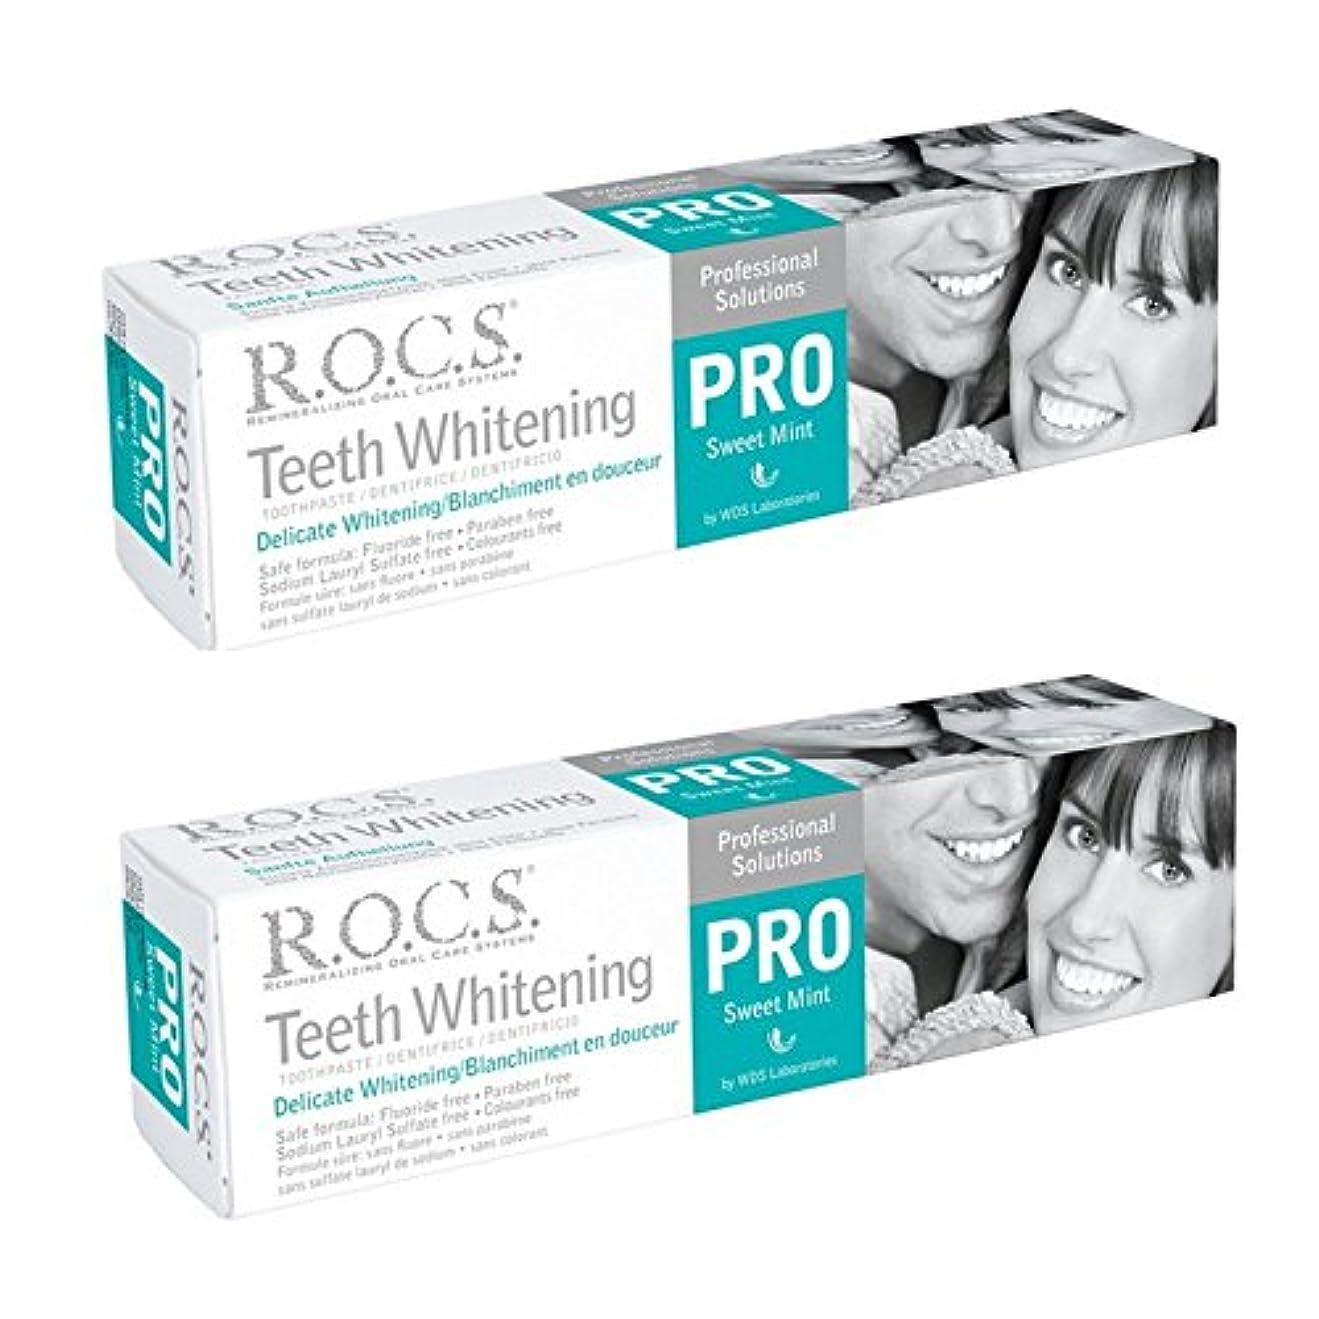 栄養陪審厚さR.O.C.S.(ロックス) プロ デリケート ホワイトニング スイートミント (2箱セット)